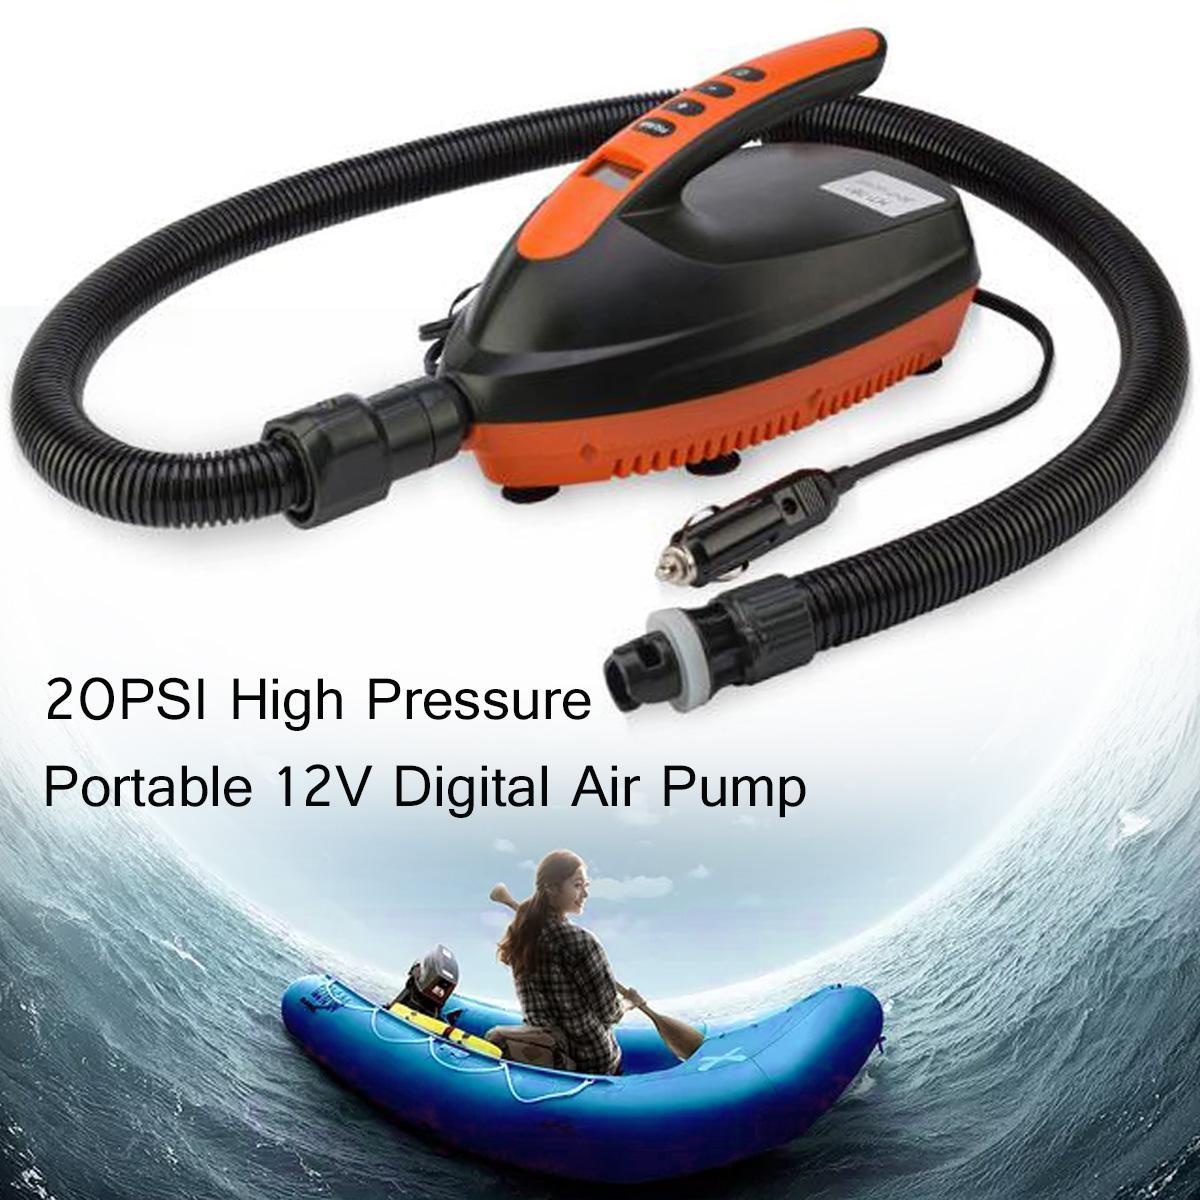 12V 16PSI Portable Car Inflatable Pump High Pressure Portable Digital Electric Air Pump SUP Kayak Paddle